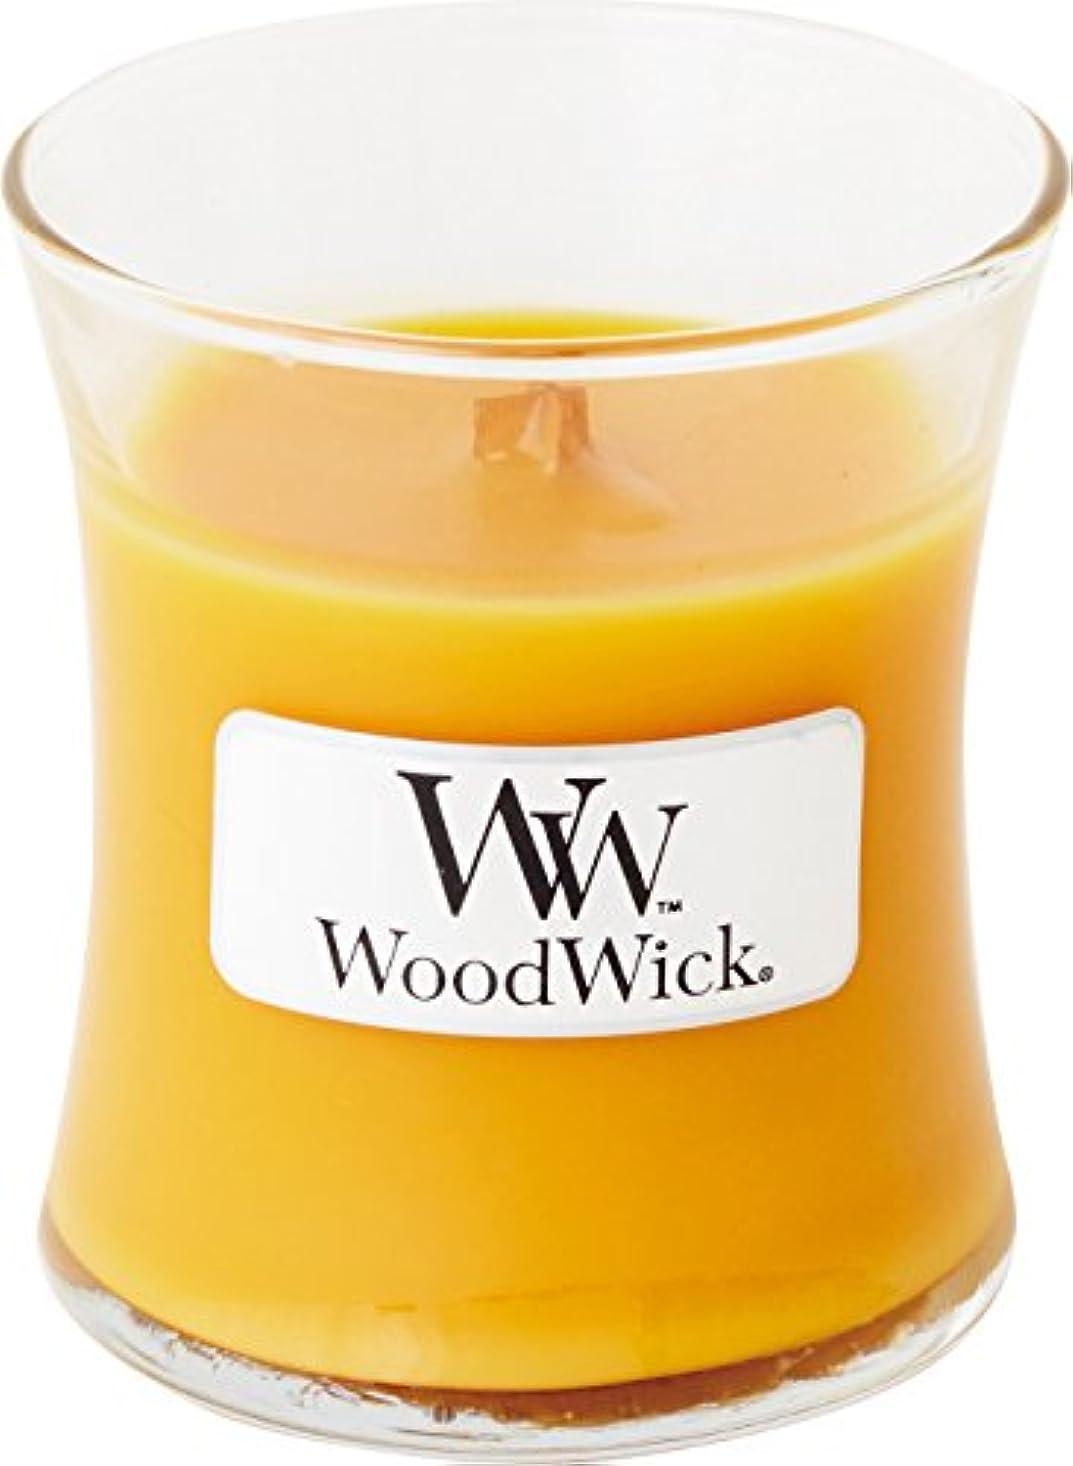 トンネルフロントマウンドWood Wick ウッドウィック ジャーキャンドルSサイズ スパークリングオレンジ